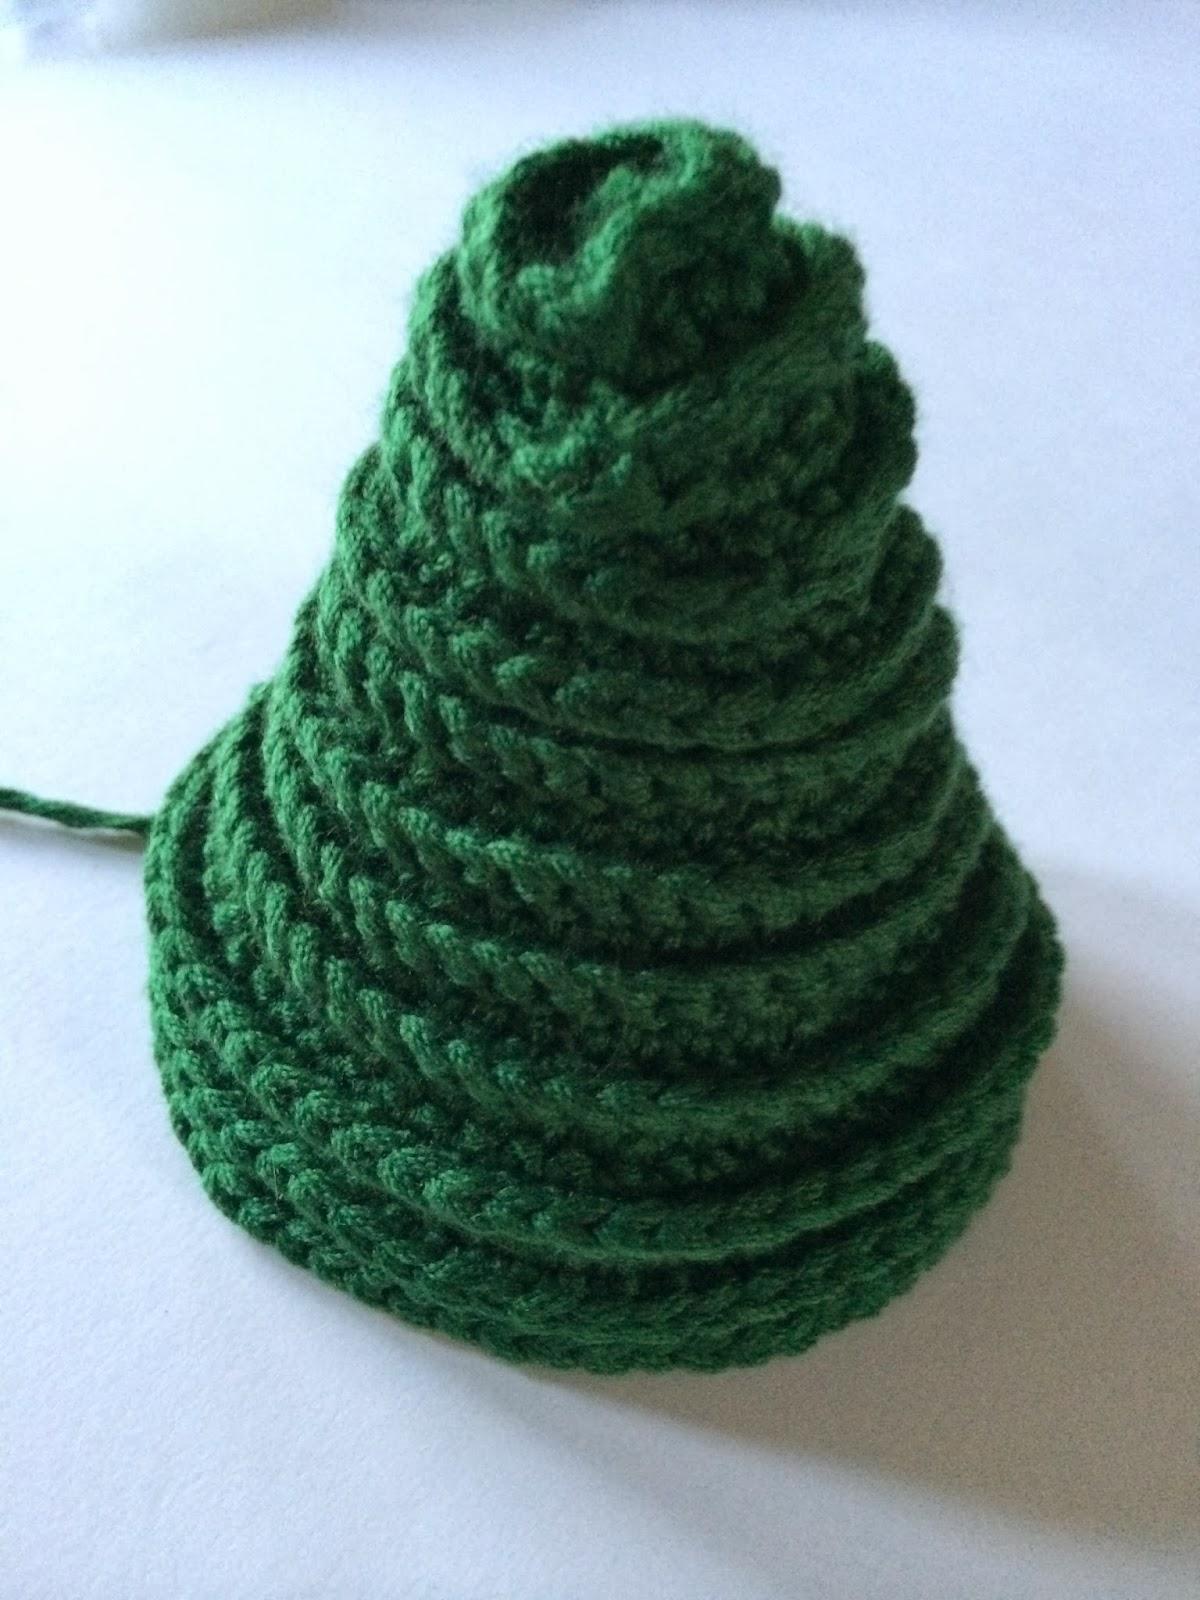 объемная елочка связанная крючком схема вязания крючком вяжем